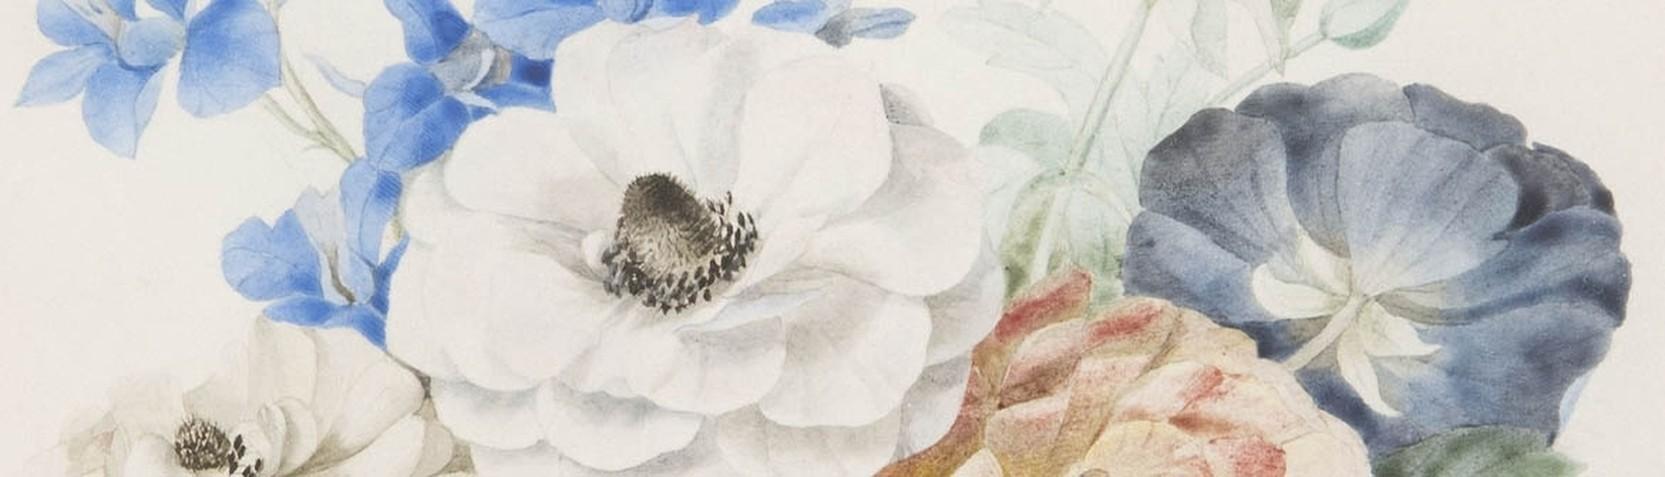 Artisti - Pierre Joseph Redouté